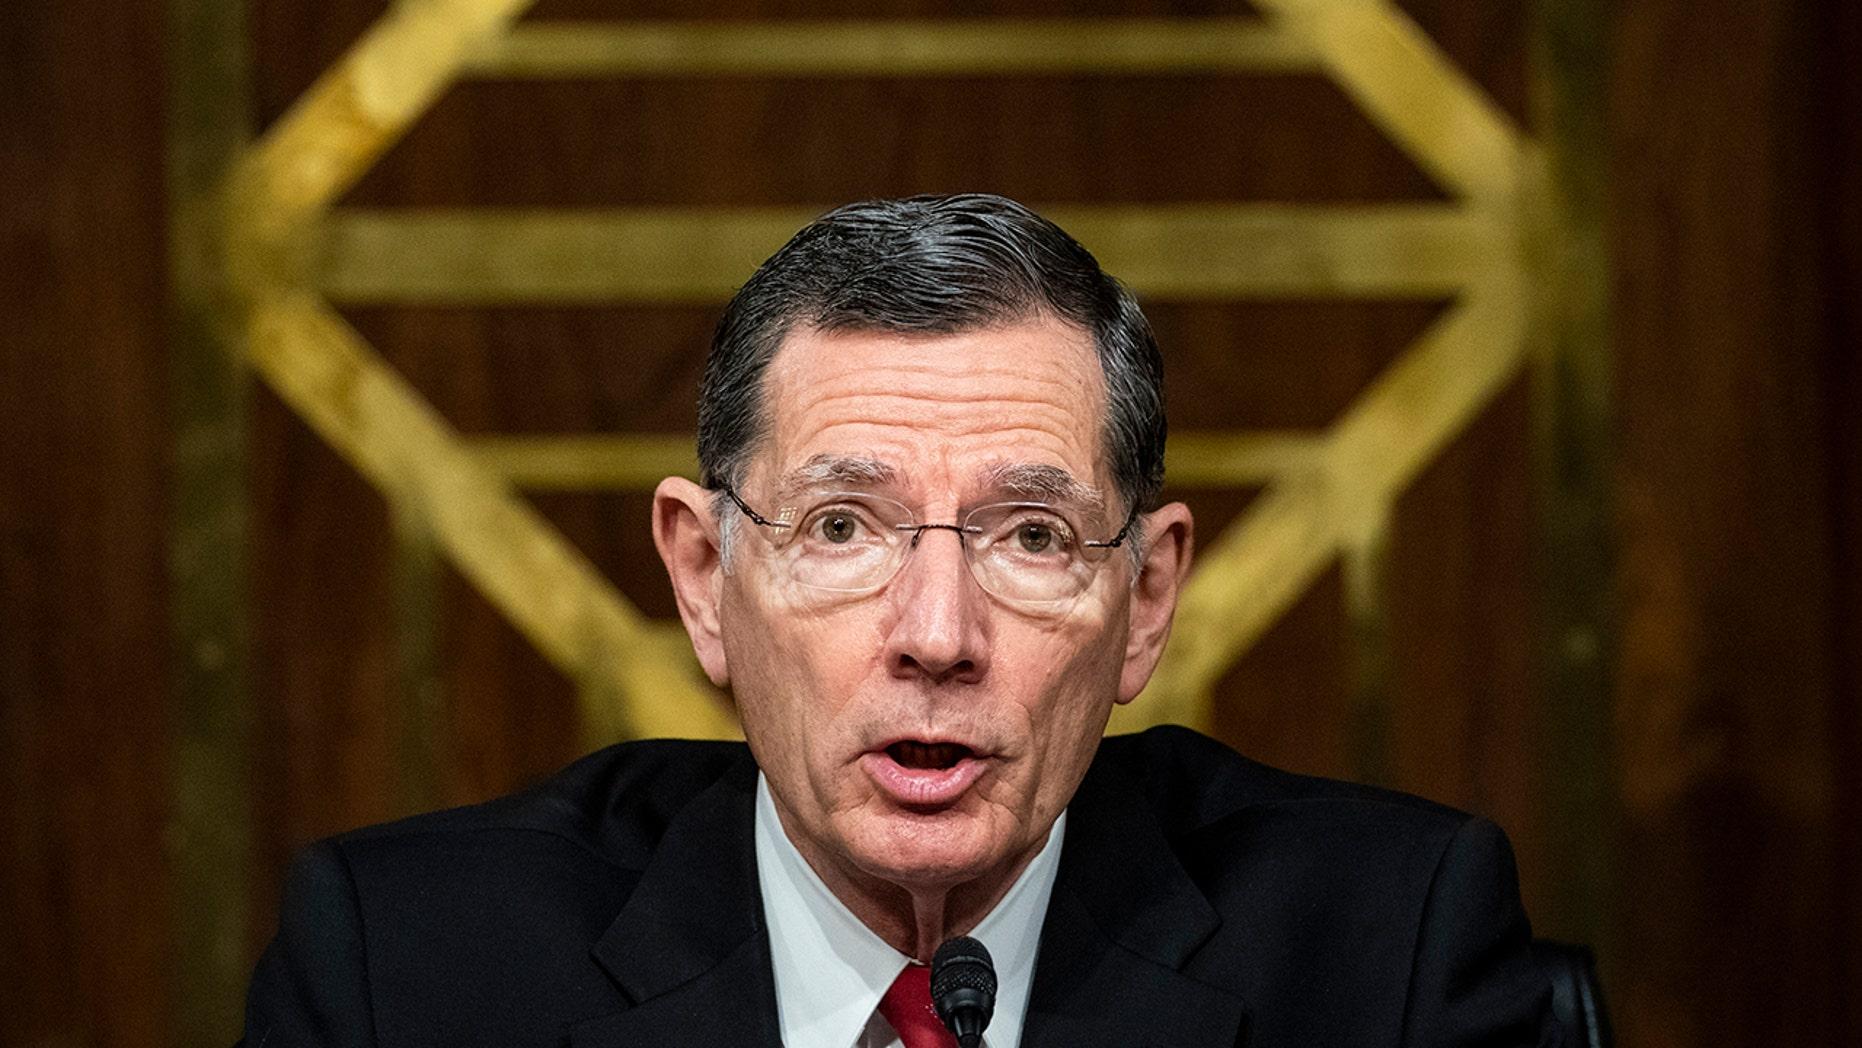 Barrasso urges Trump, Senate to move forward to fill Supreme Court vacancy